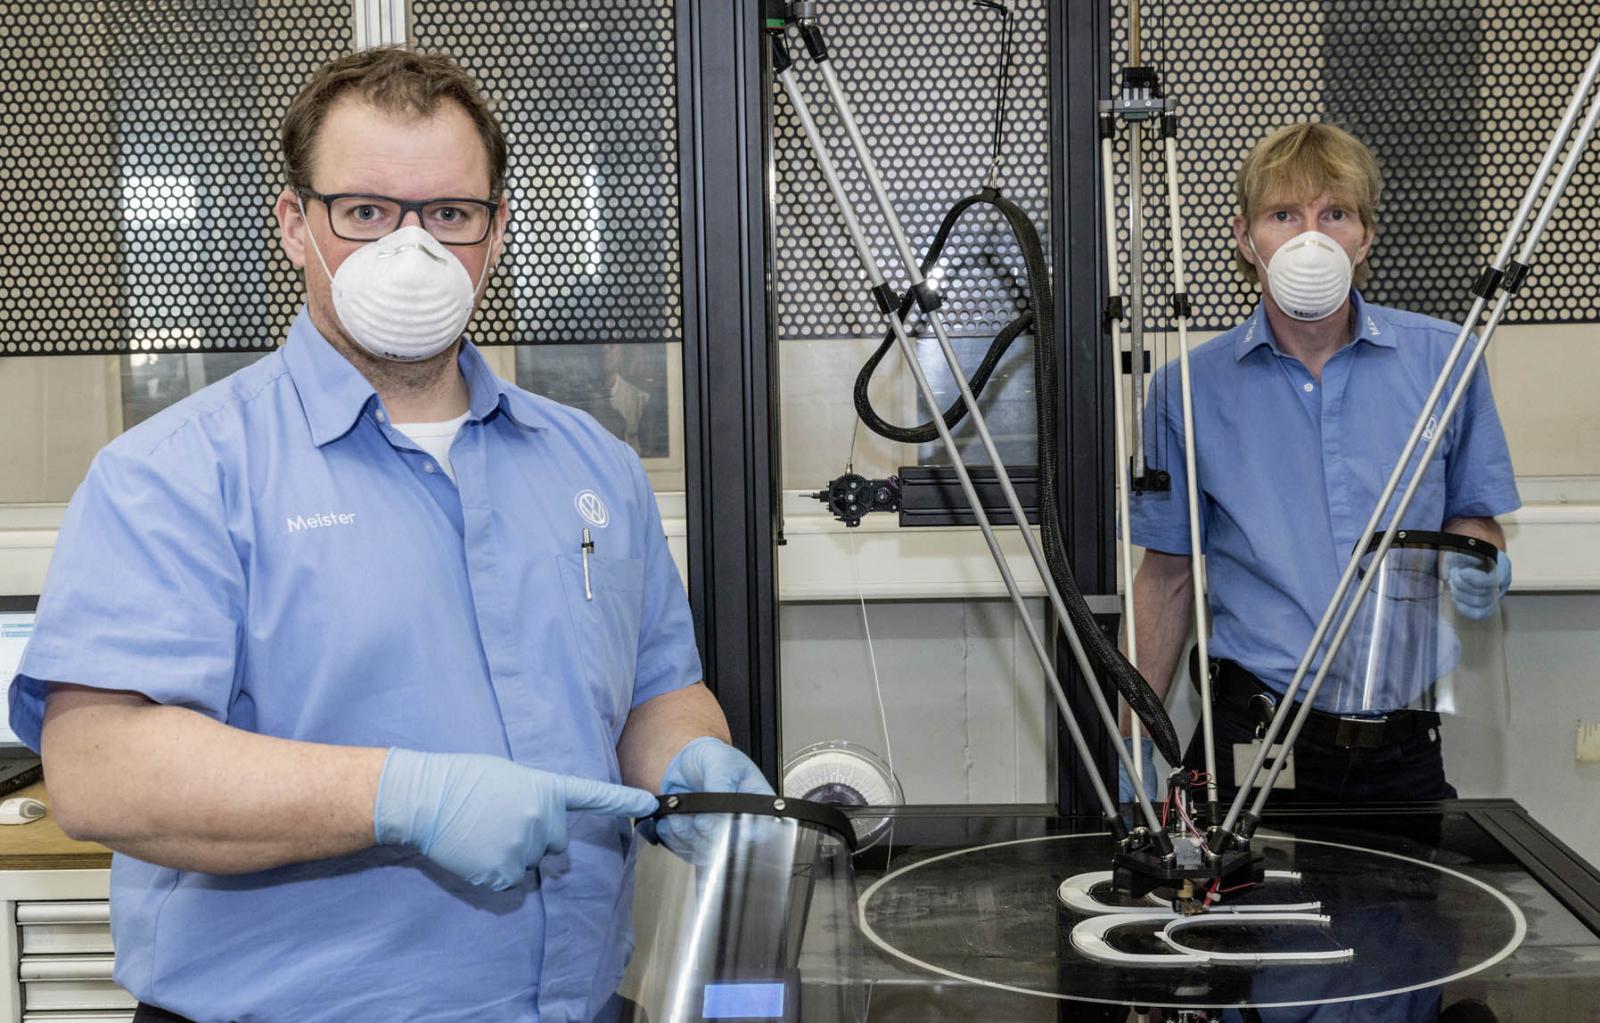 La impresión 3D de Volkswagen se pone a disposición de la salud